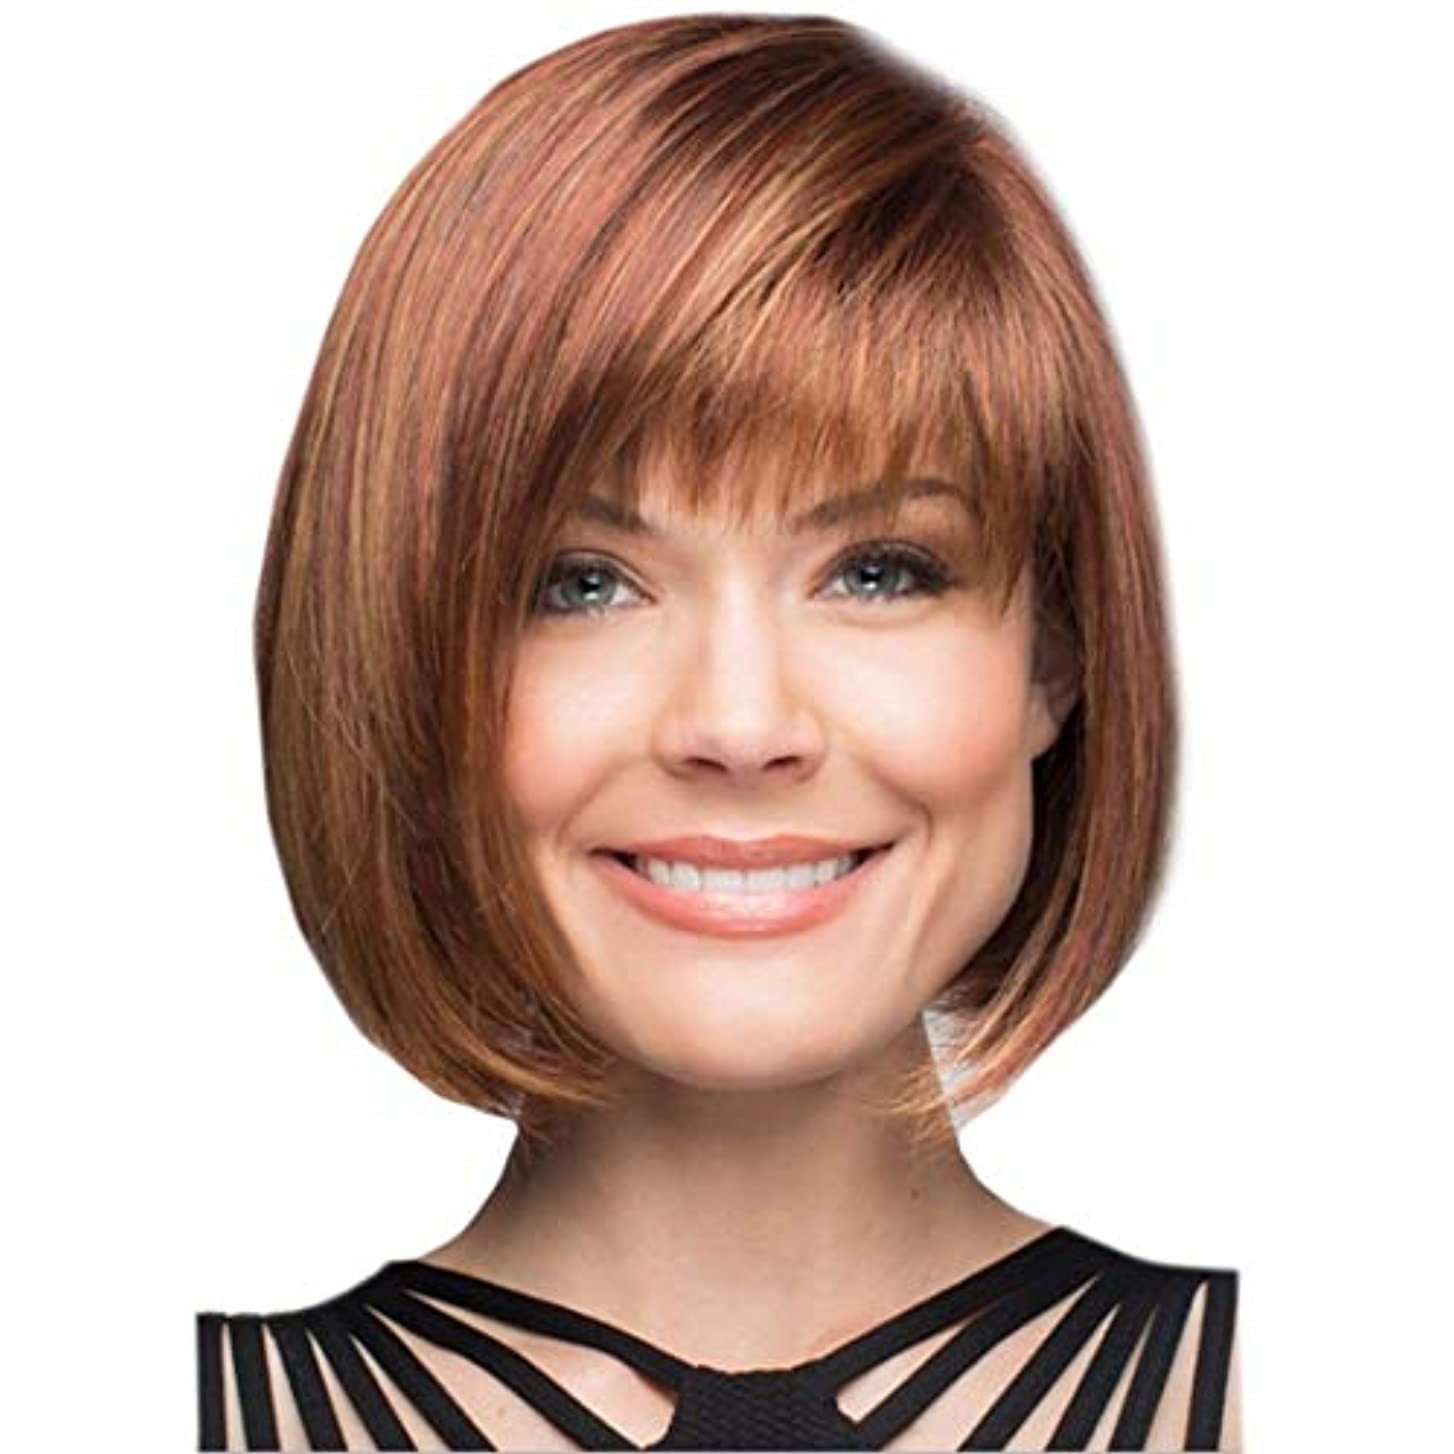 実質的不良品かもしれないKerwinner 女性のための茶色の短いストレートヘアスプリットボボヘッドウィッグ化学繊維ウィッグヘッドギア